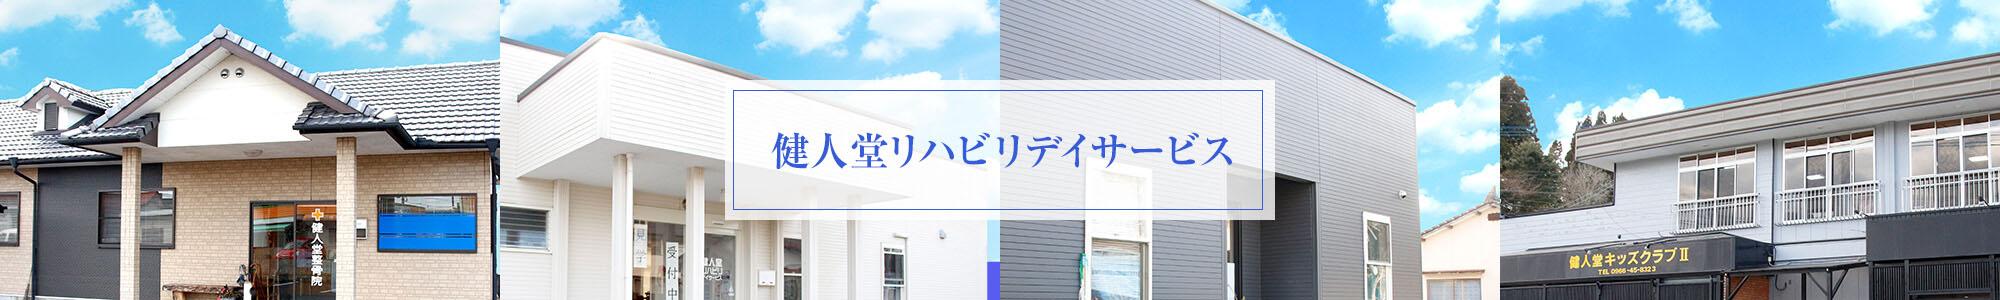 健人堂リハビリデイサービス